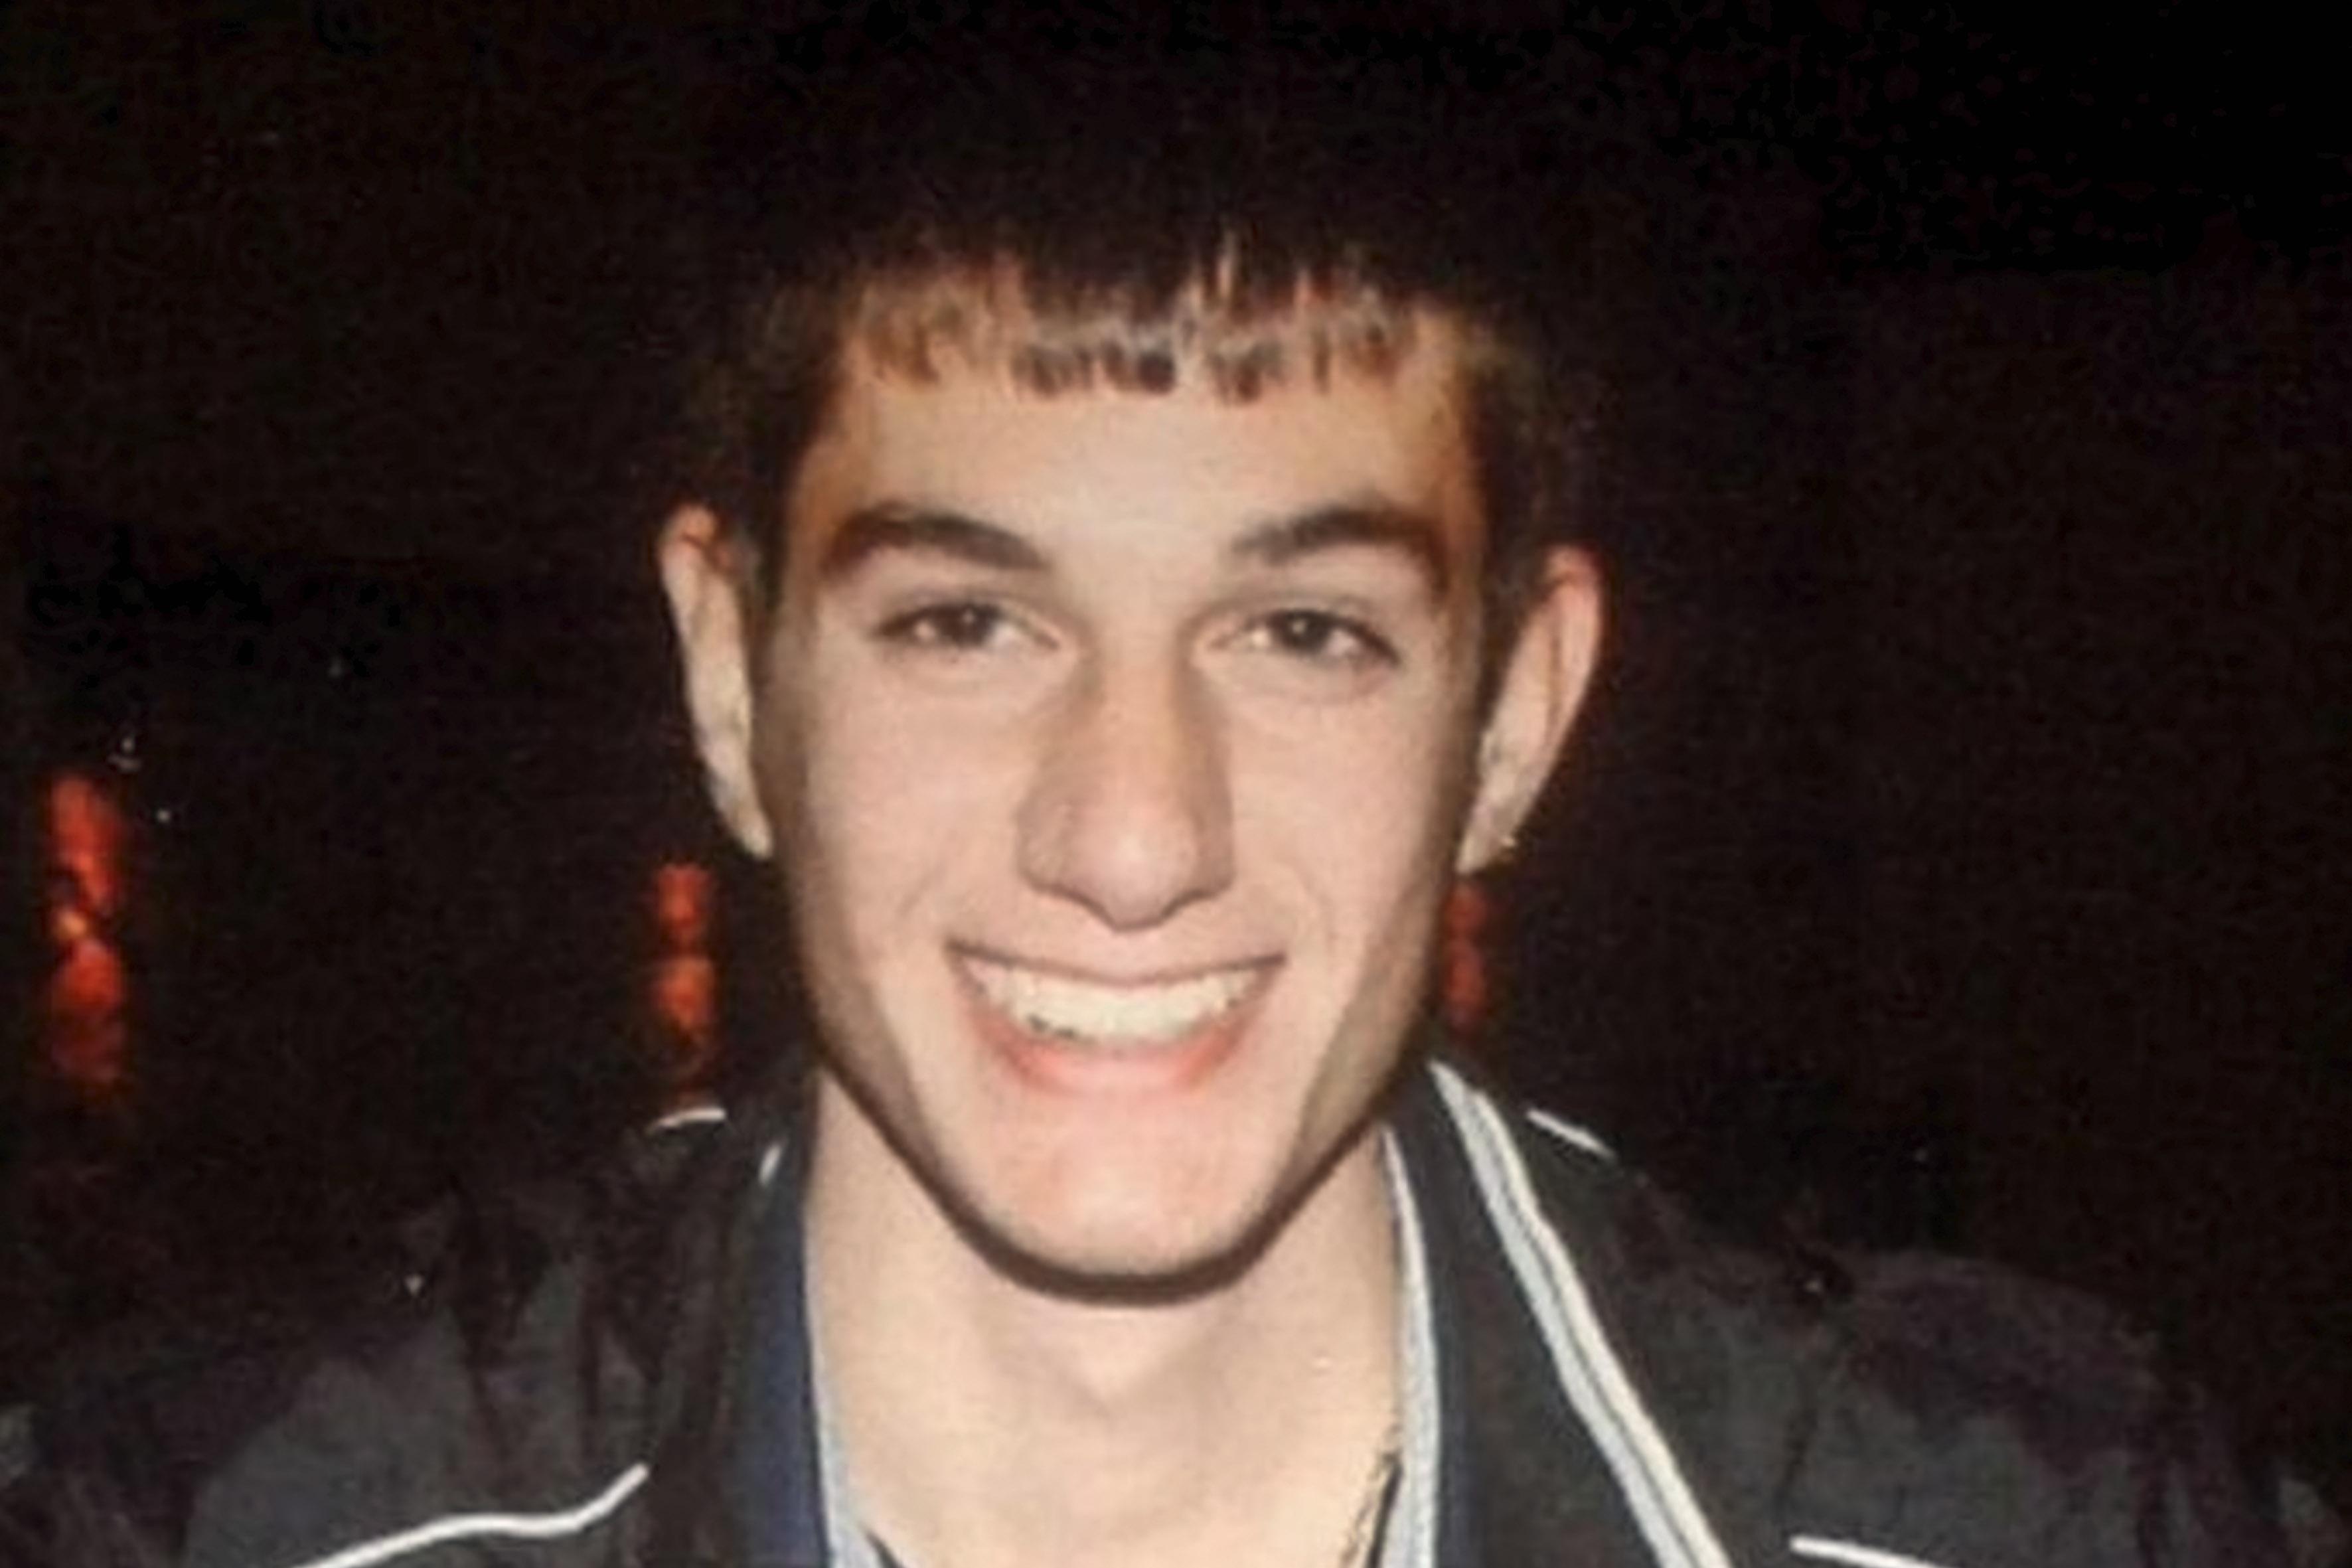 Βαγγέλης Γιακουμάκης: Το μεγάλο παράπονο της οικογένειας του αδικοχαμένου φοιτητή – Συγκινεί ο πατέρας του